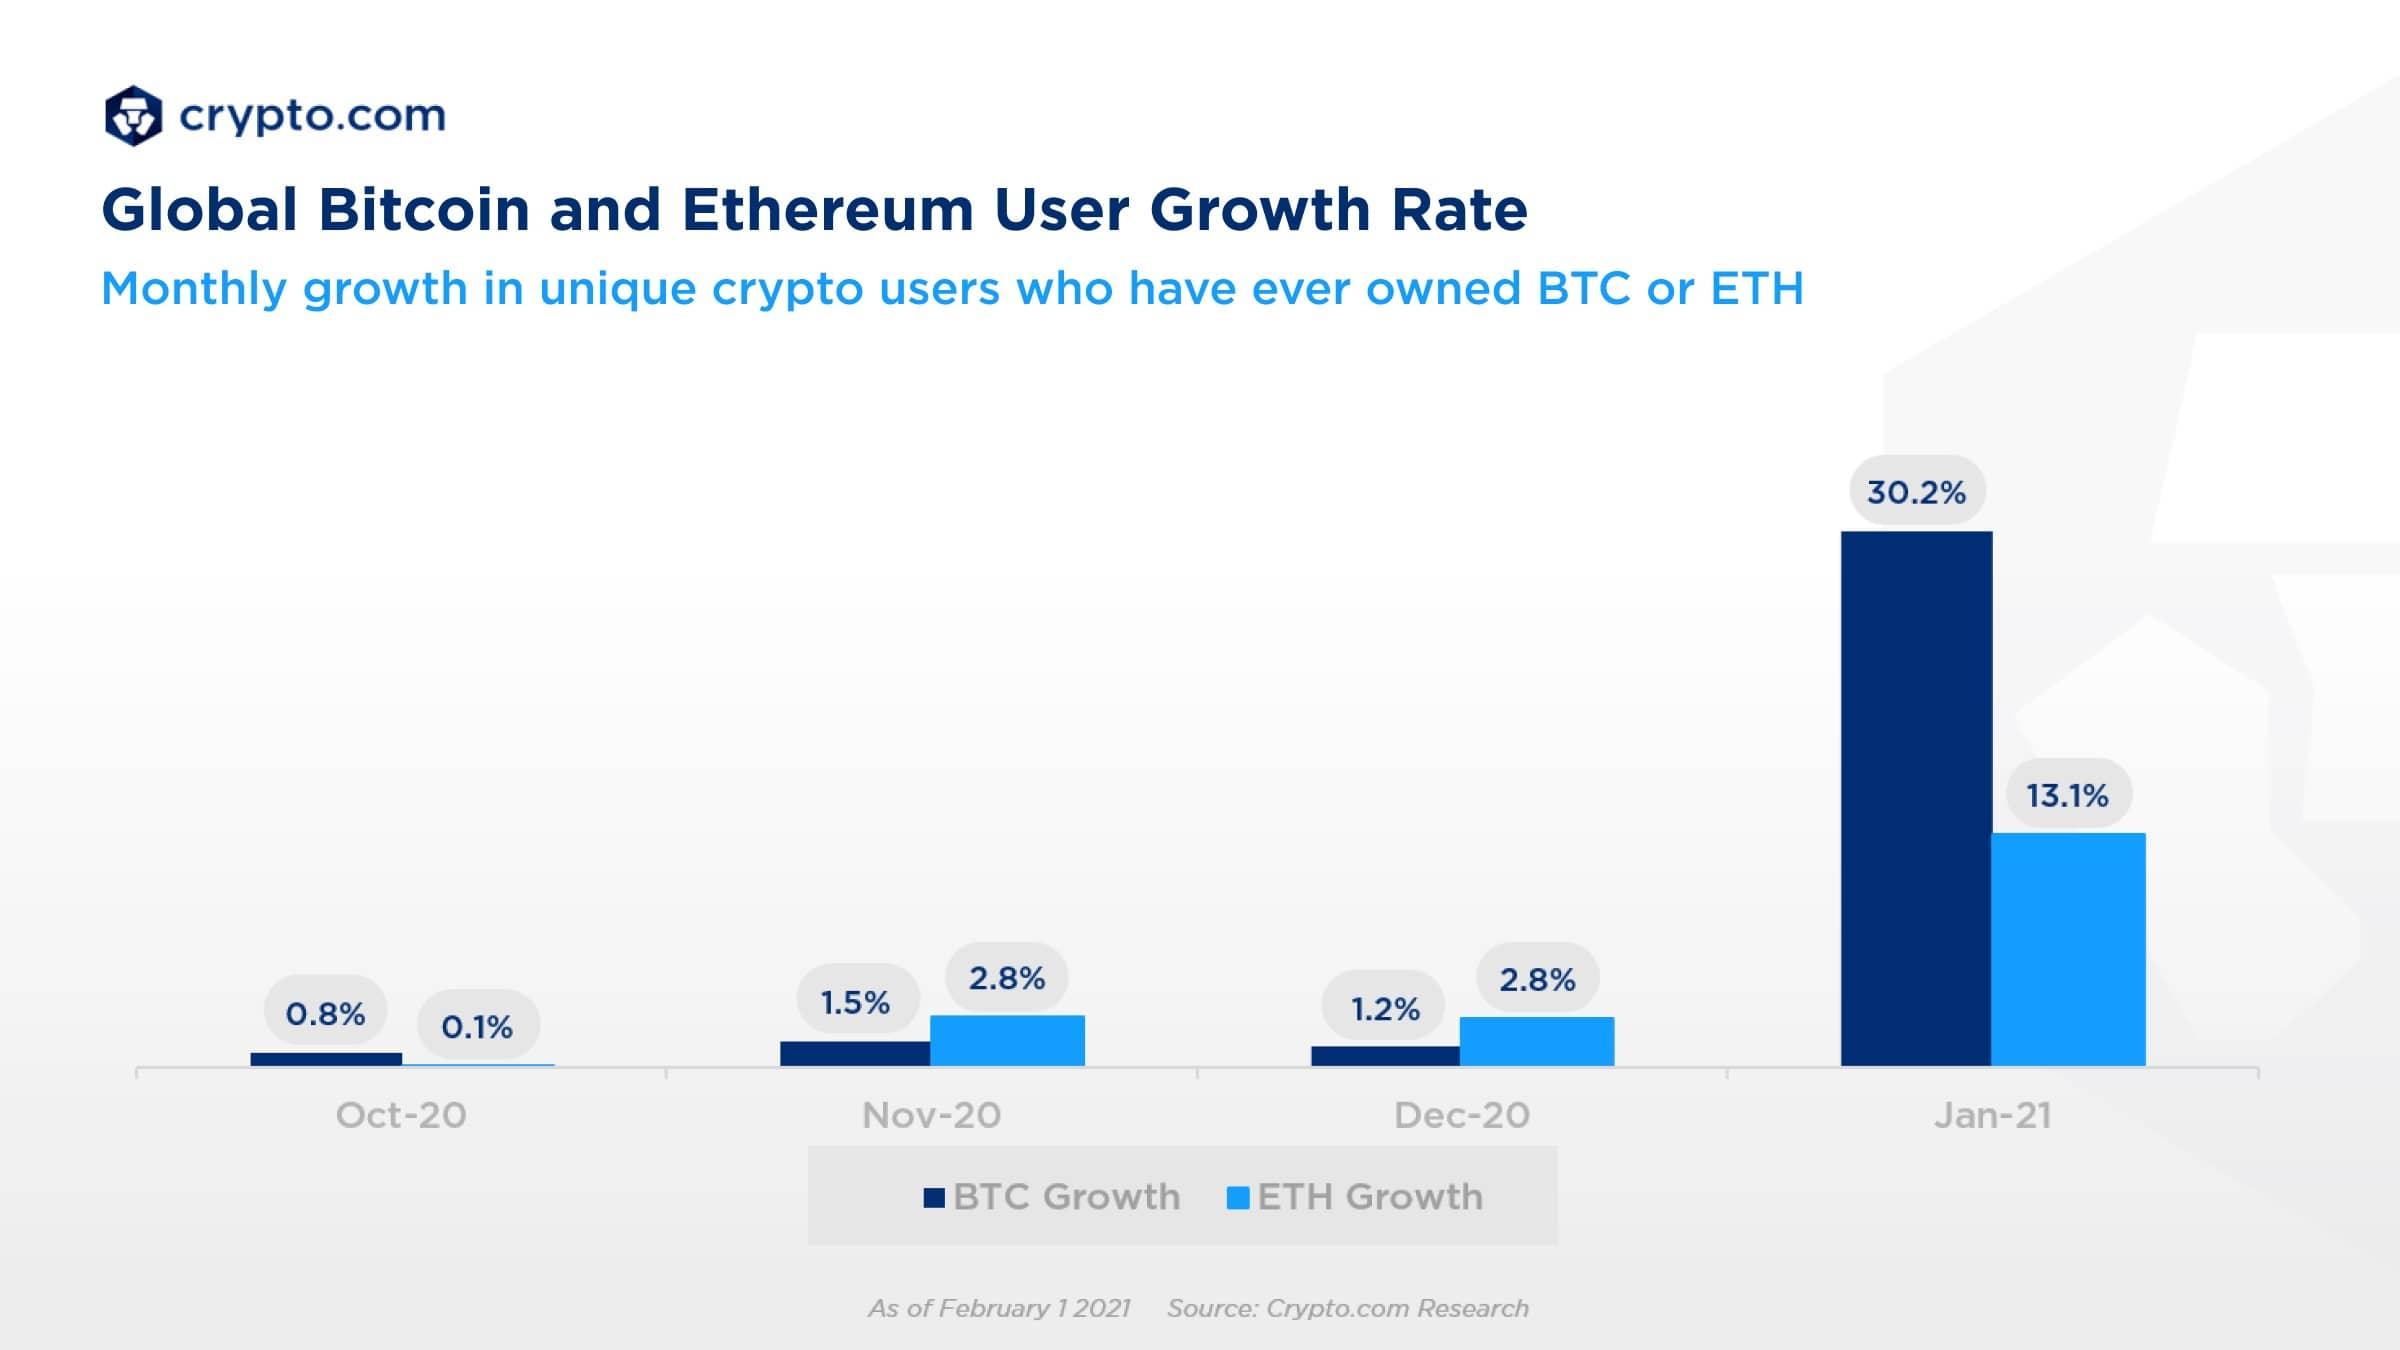 رشد ماهانه کاربران بیت کوین و اتریوم